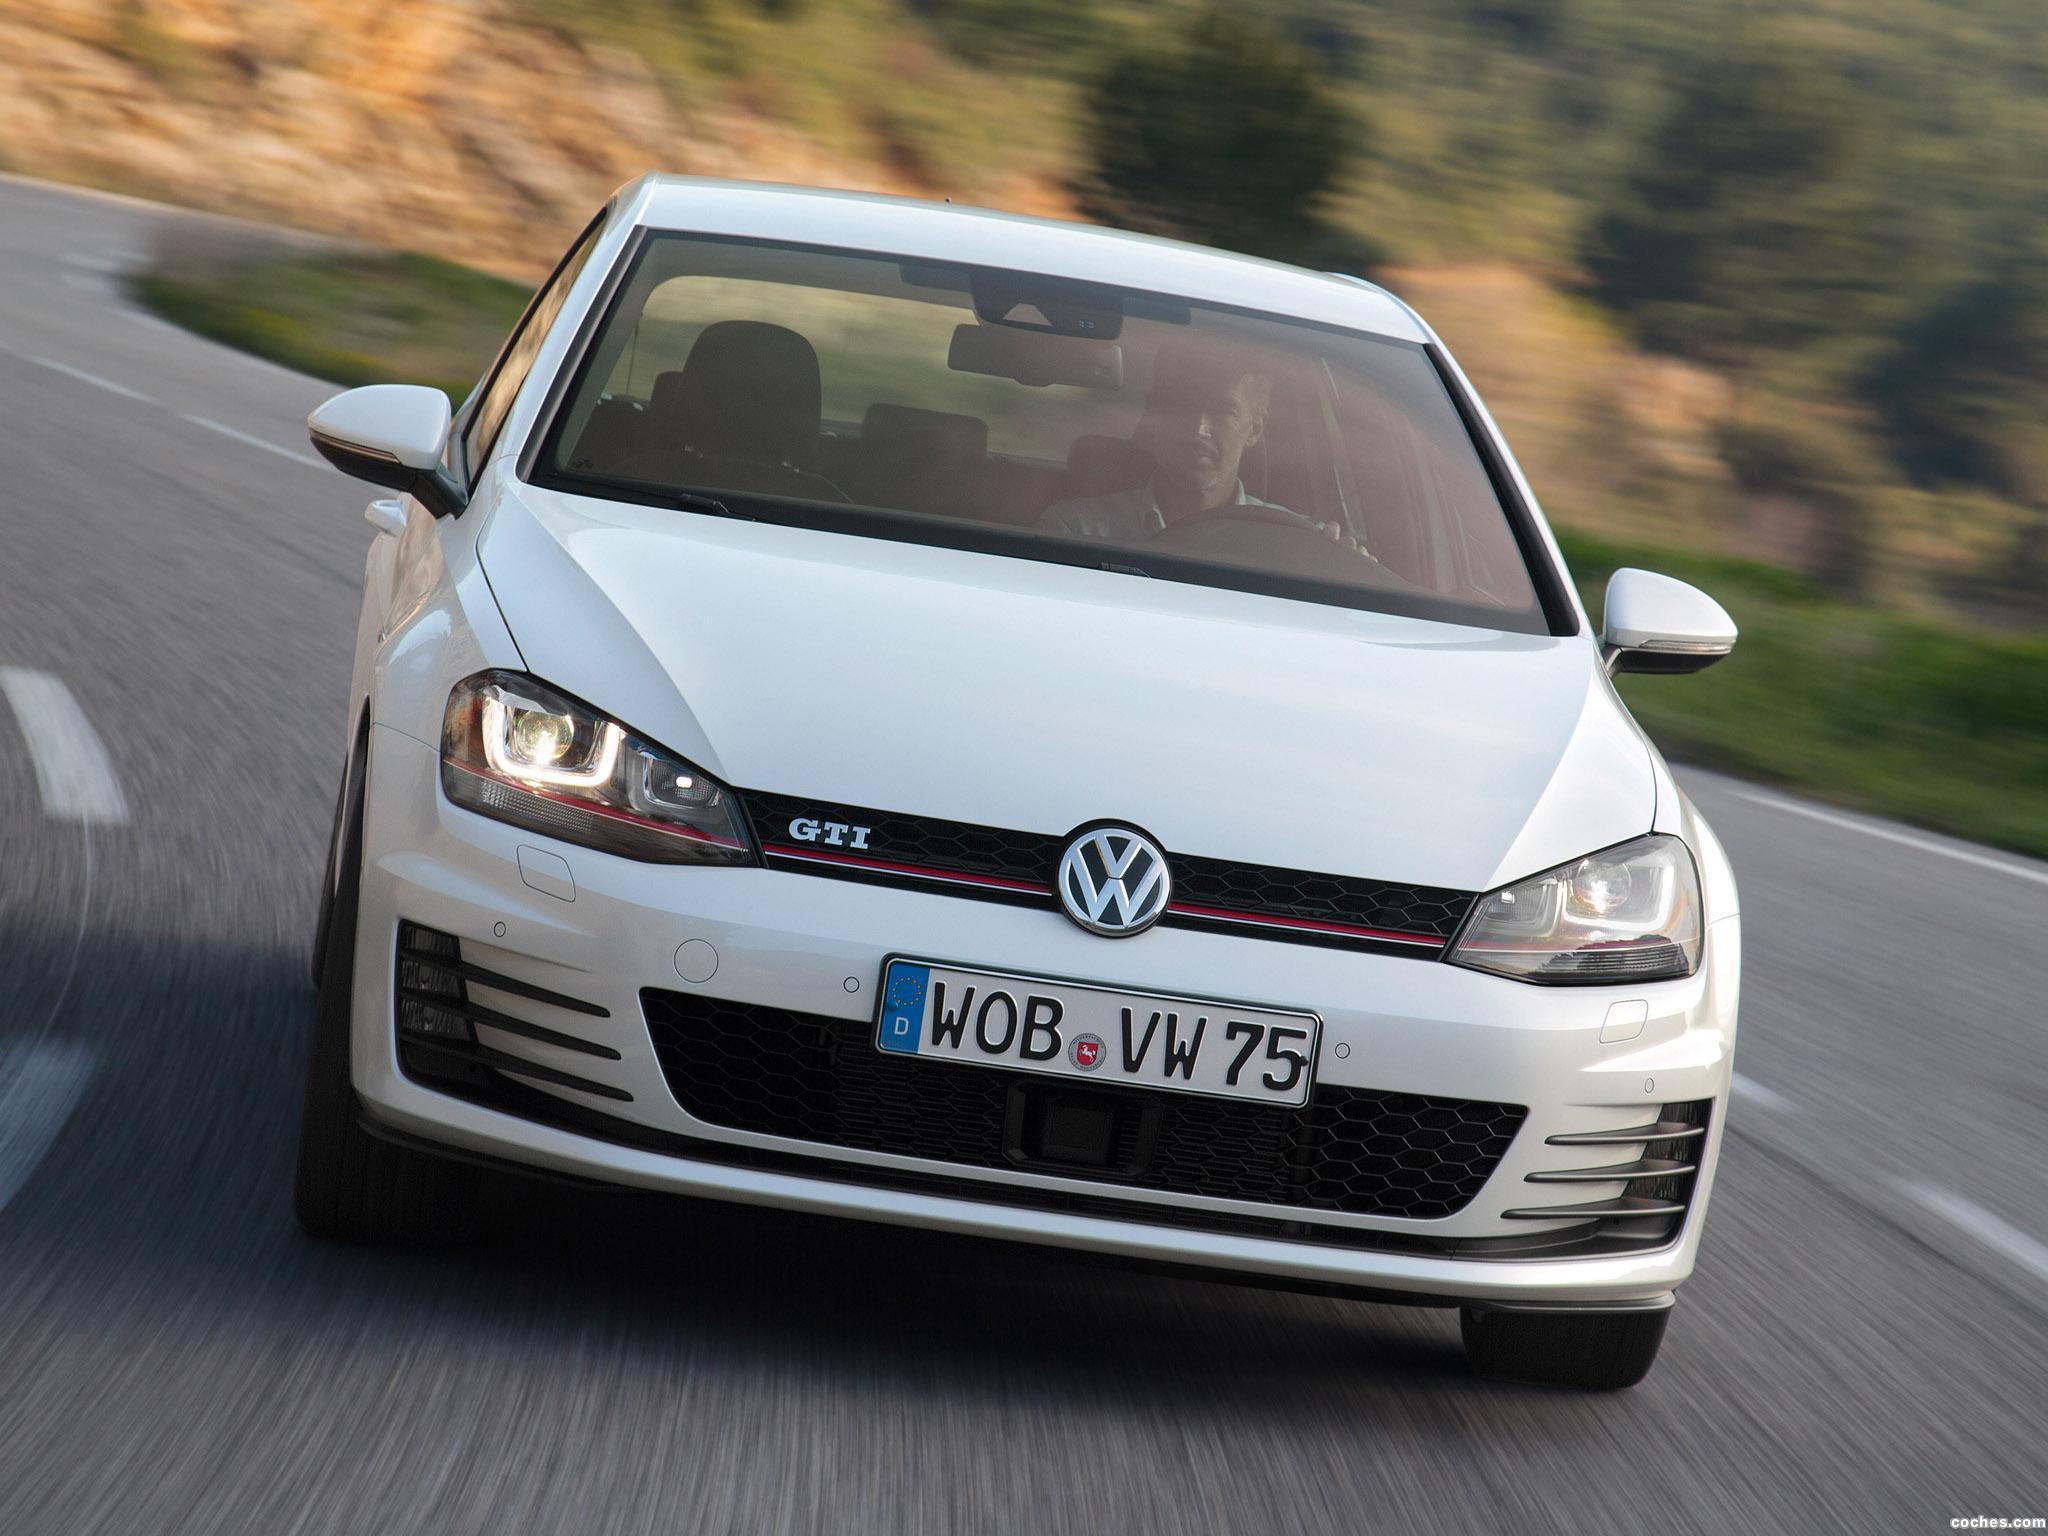 Foto 1 de Volkswagen Golf 7 GTI 5 puertas 2013